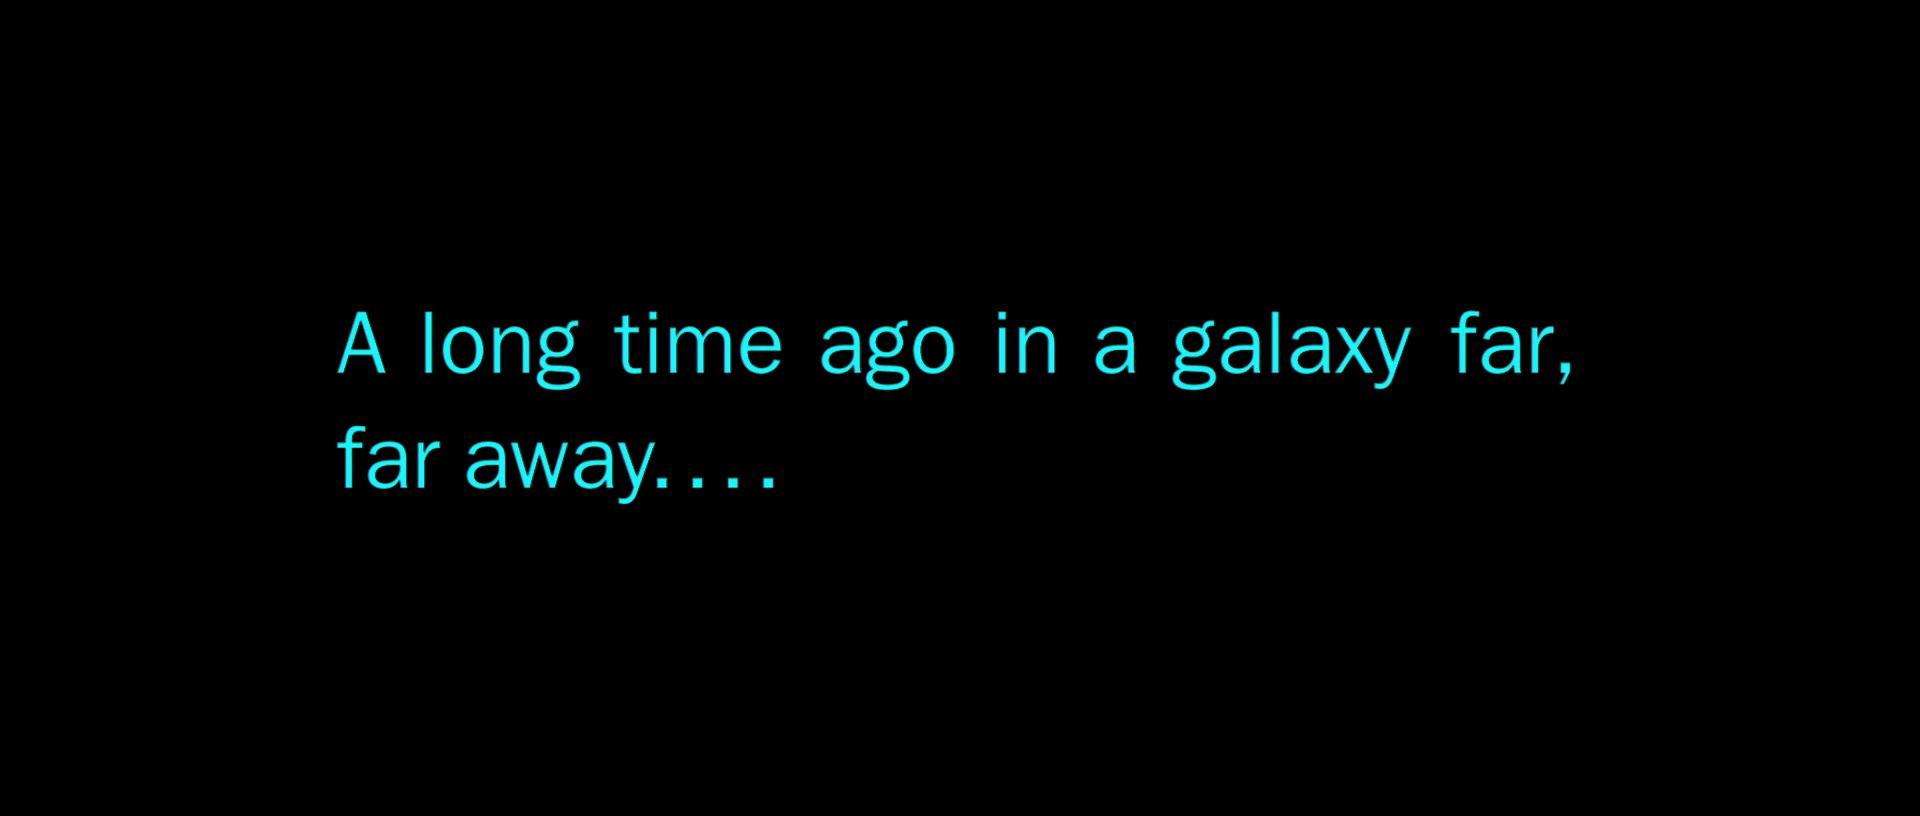 há muito tempo